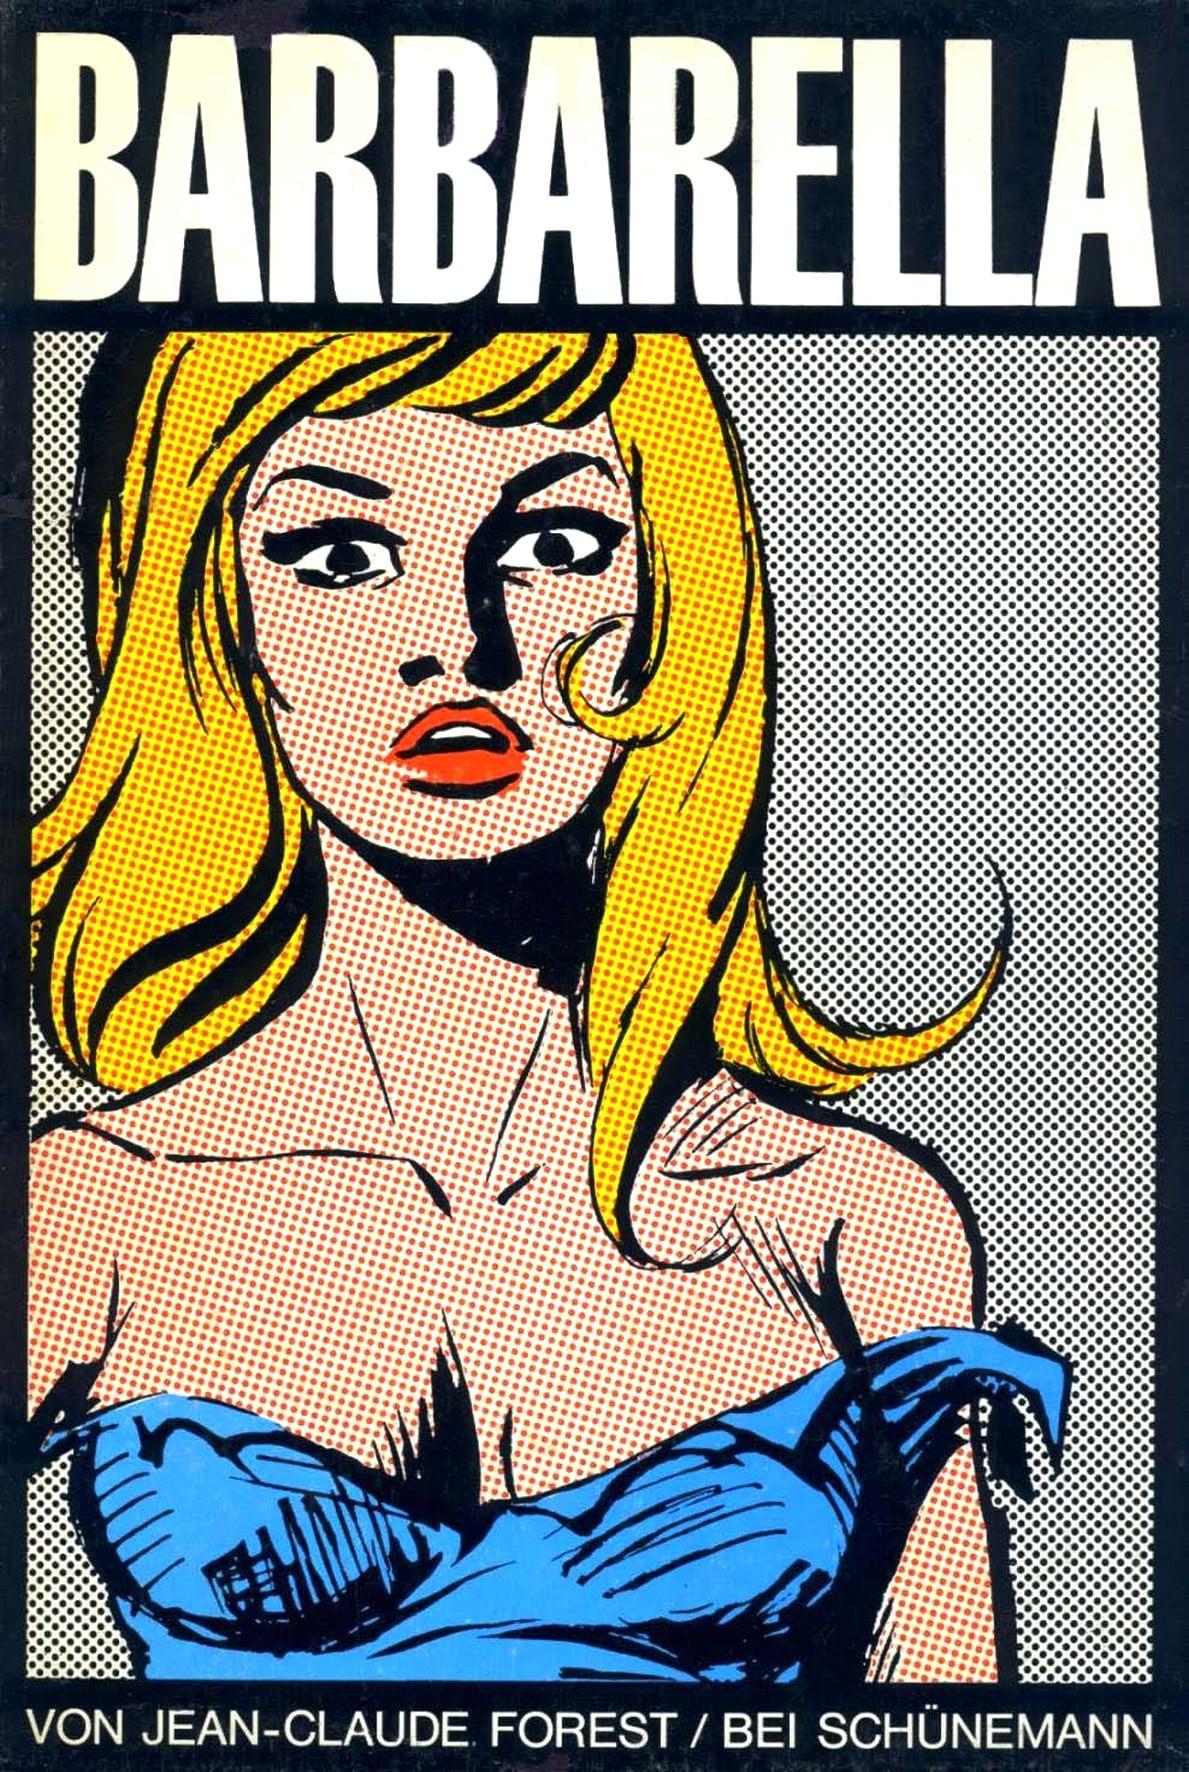 Barbarella-leroina-a-fumetti-che-anticipa-la-rivoluzione-sessuale_Notizie